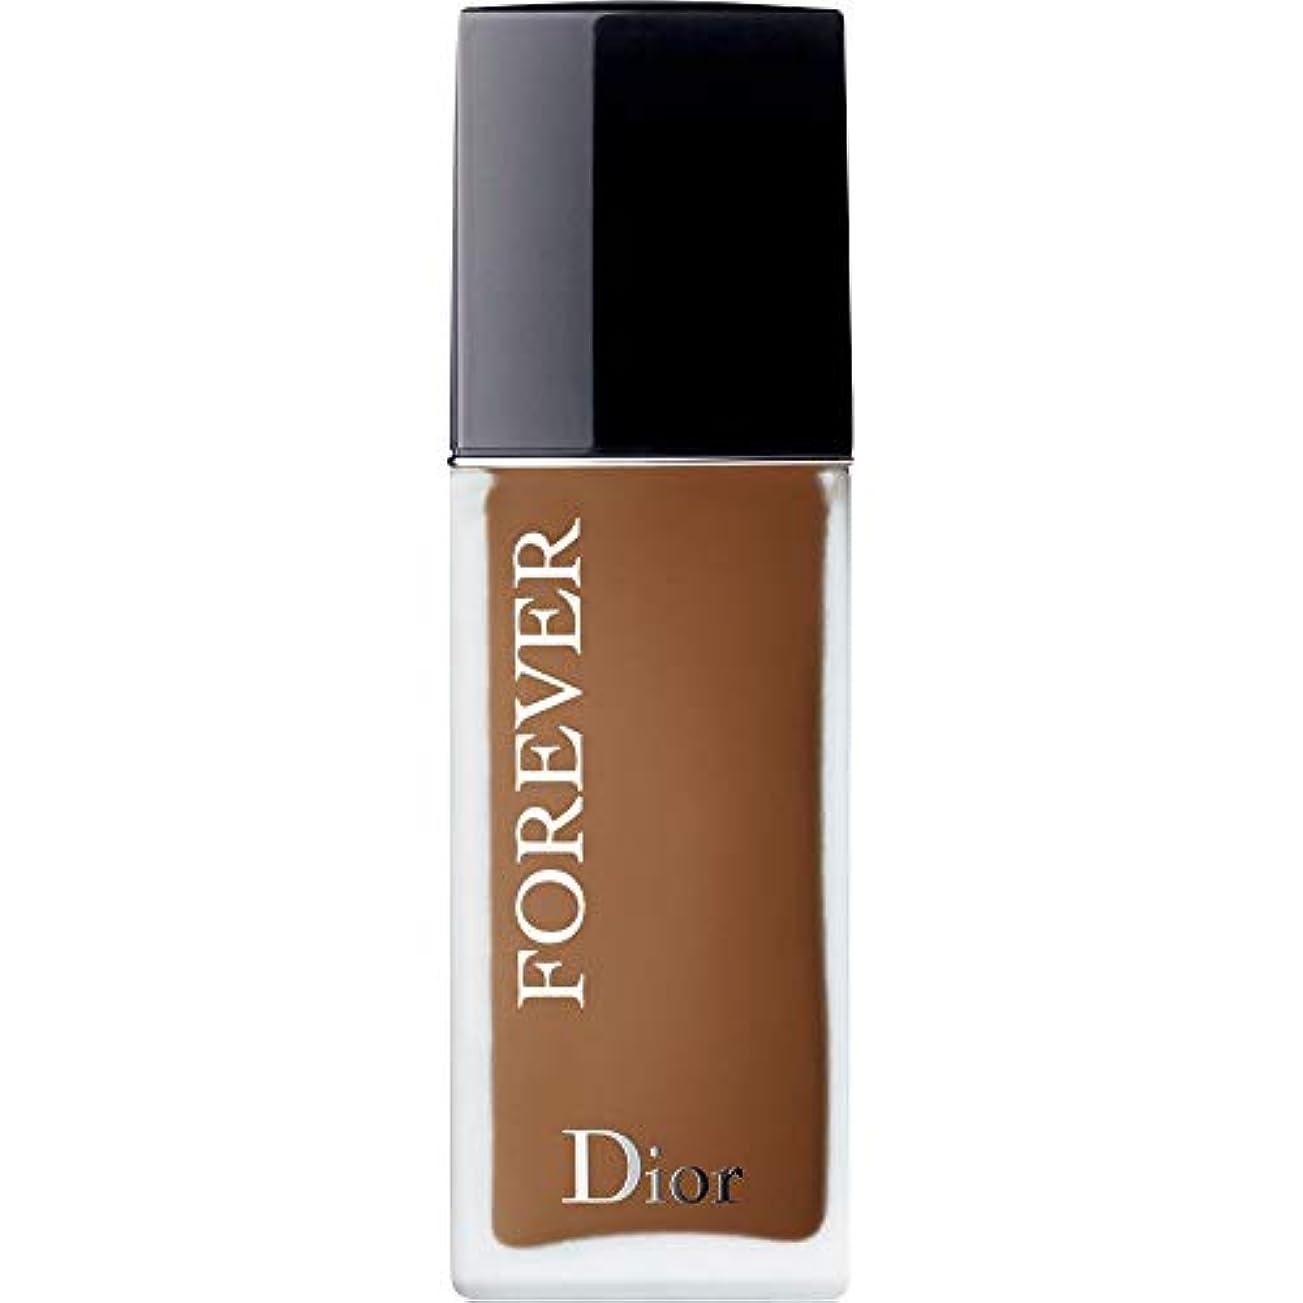 ピニオン多様体電球[Dior ] ディオール永遠皮膚思いやりの基盤Spf35 30ミリリットルの7N - ニュートラル(つや消し) - DIOR Forever Skin-Caring Foundation SPF35 30ml 7N -...